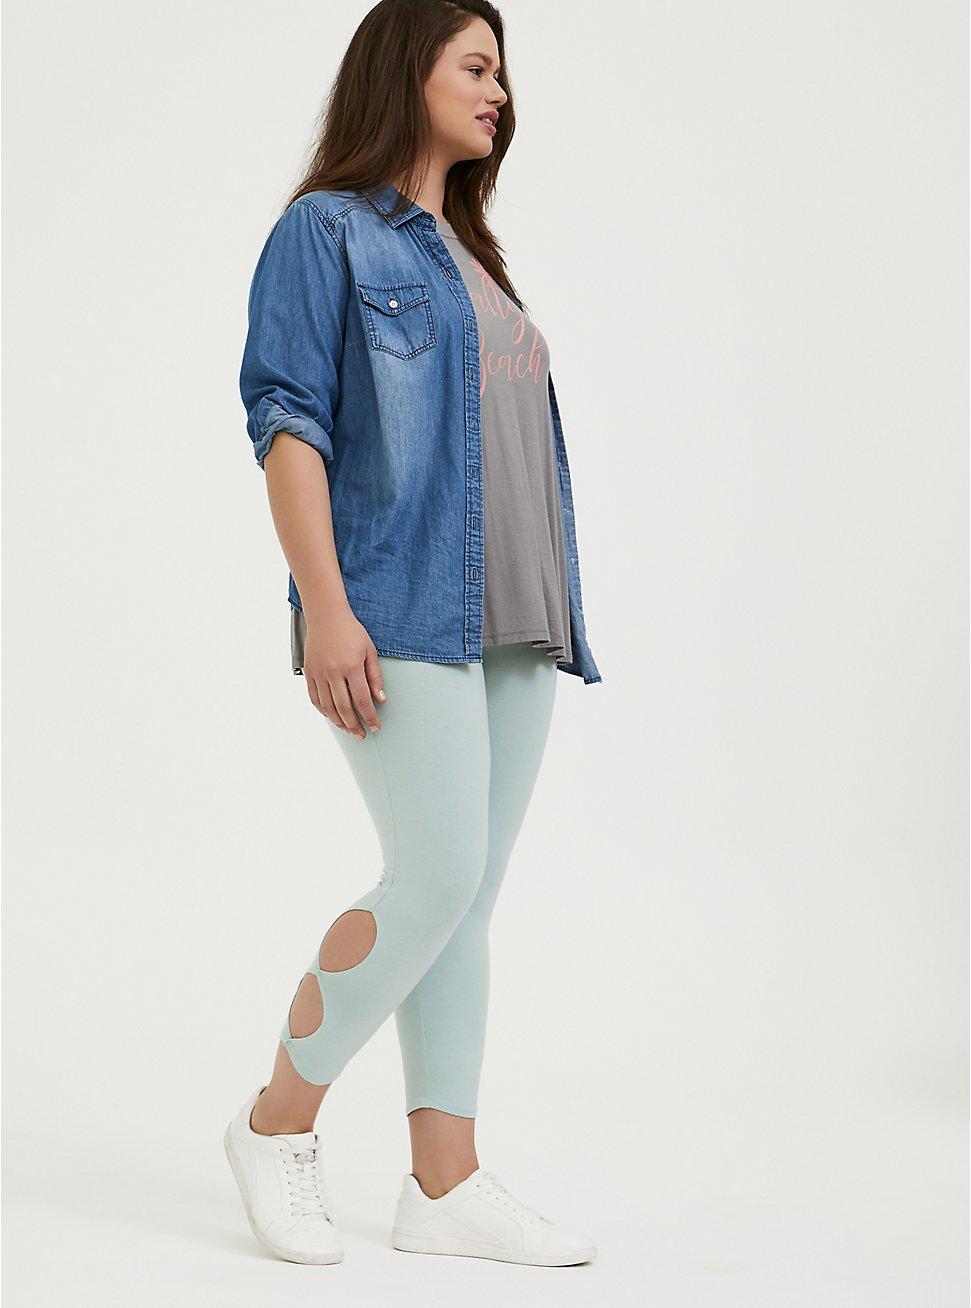 Plus Size Crop Premium Legging - Dual Keyhole Mint Blue, , hi-res